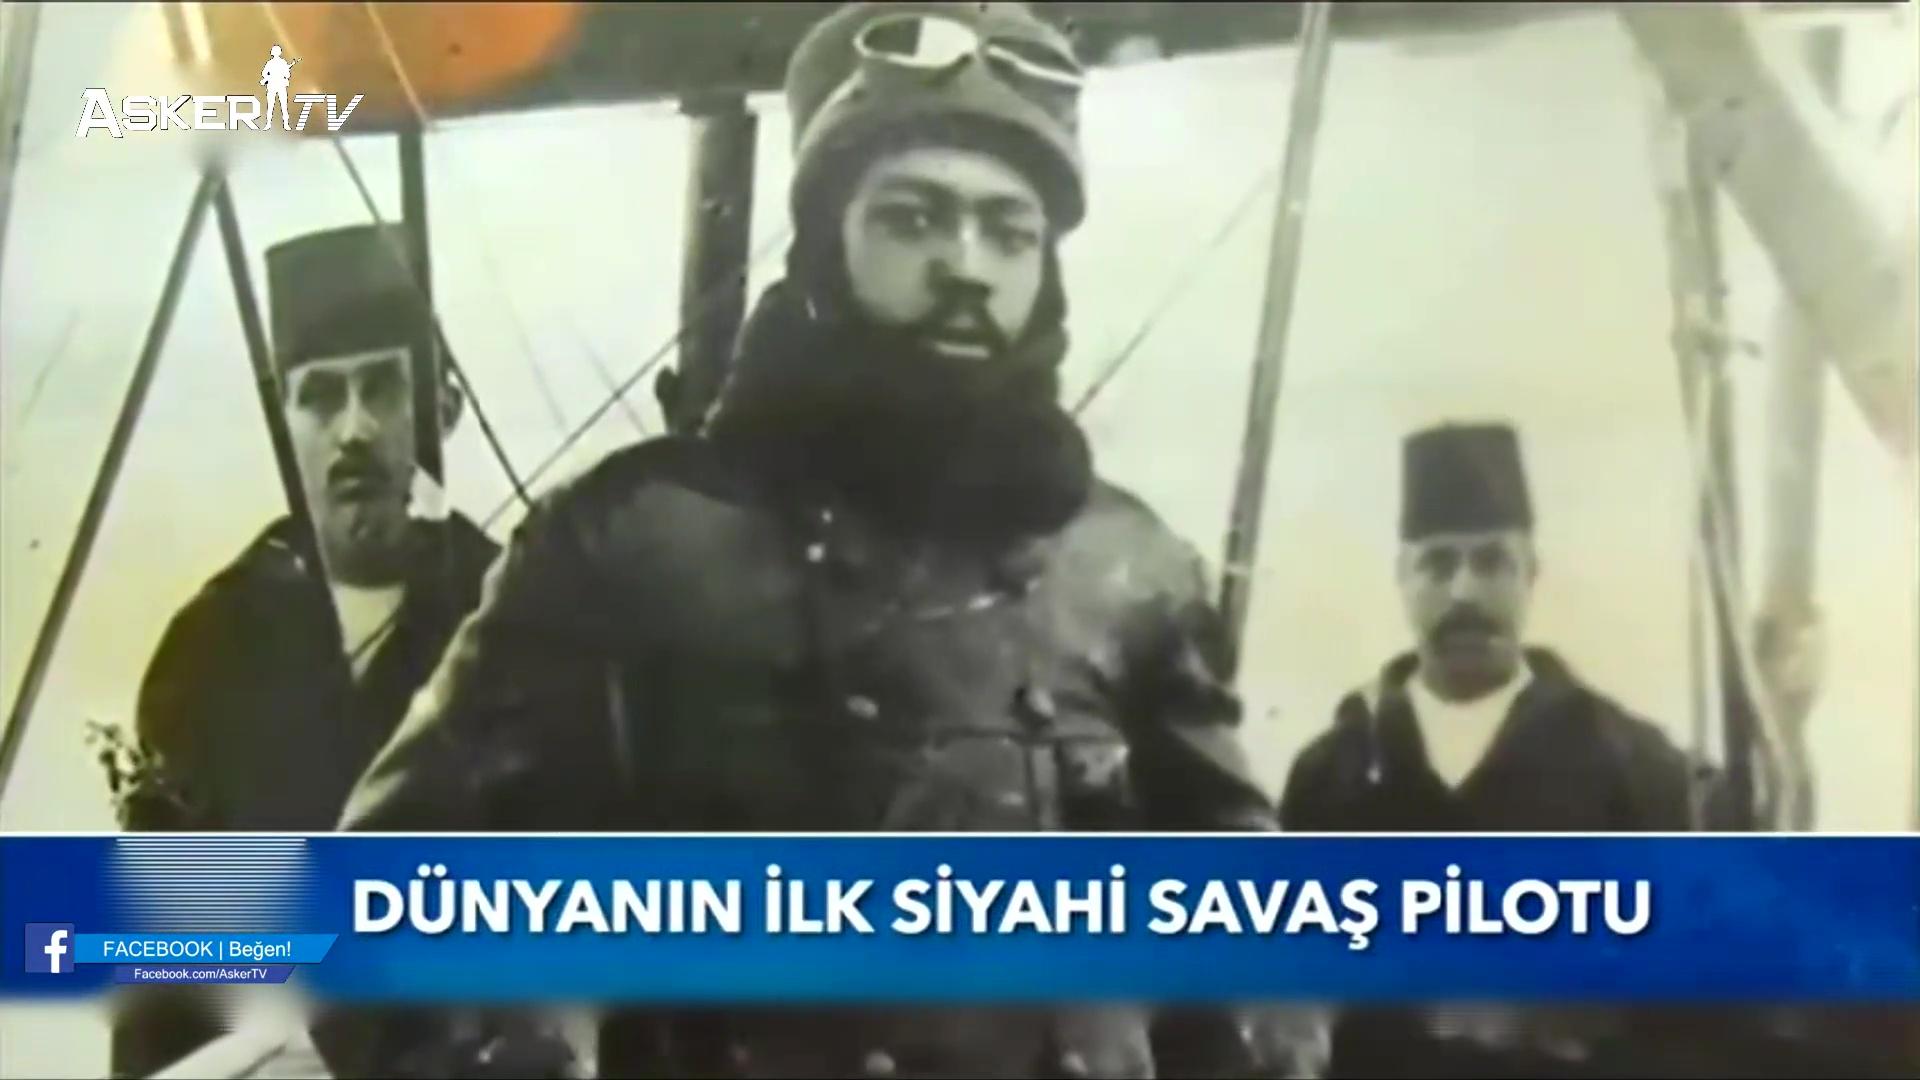 Dünyanın İlk Siyahi Pilotu